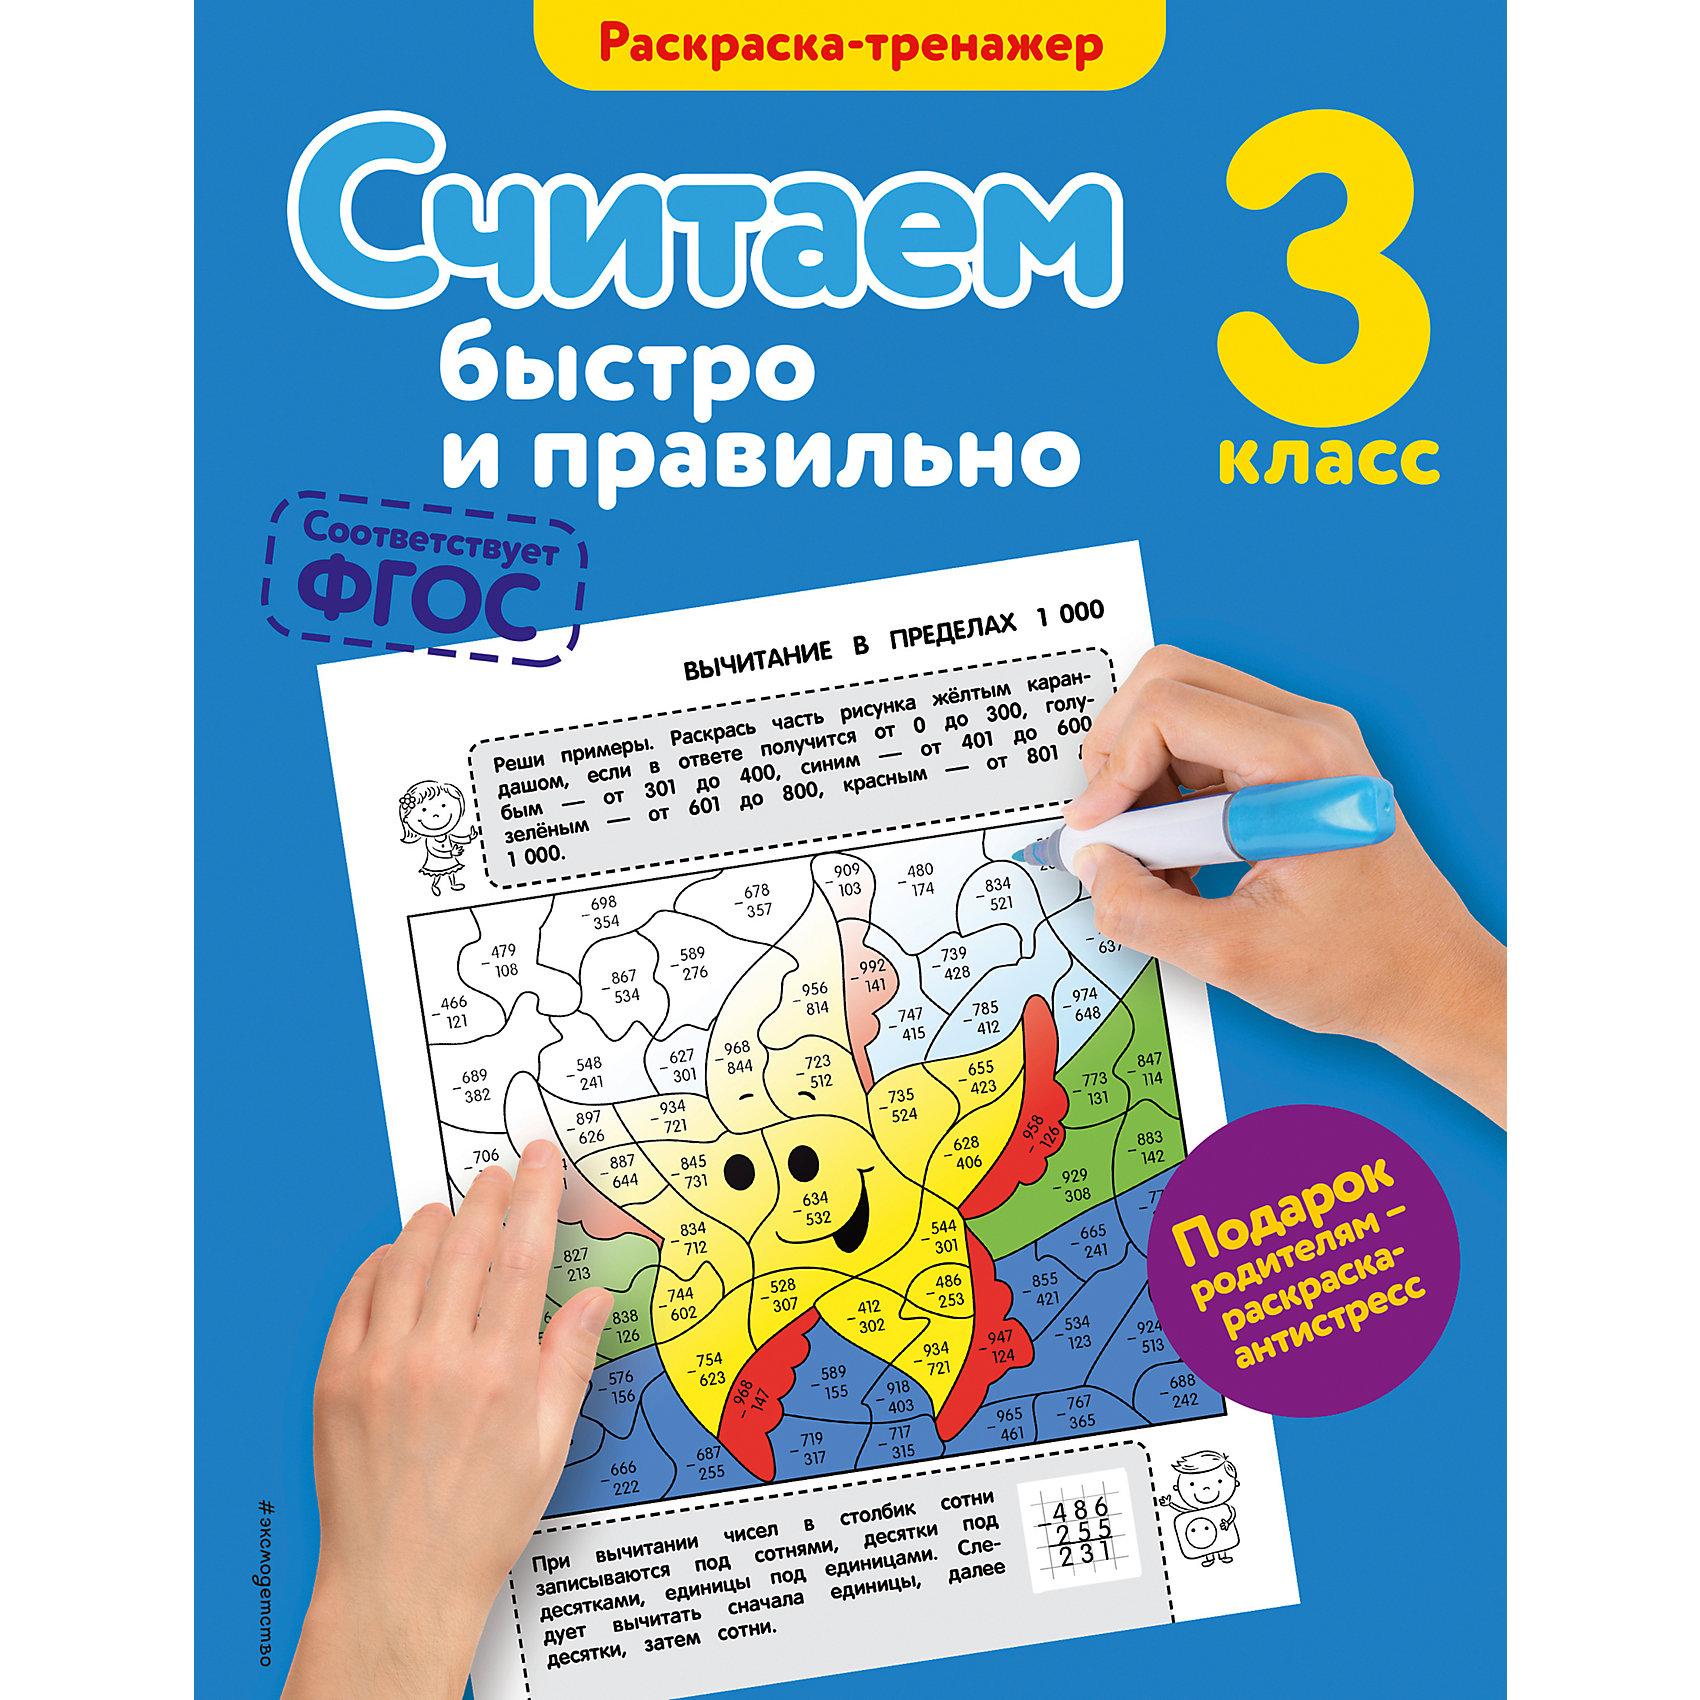 Считаем быстро и правильно, 3-й классПособие представляет собой математическую раскраску, которая поможет ученику 3-го класса закрепить навыки счета, решения примеров, и сравнения чисел в пределах 1000, а также развить мелкую моторику, логику и внимание.<br>     В книге 31 задание на счет и раскрашивание, цветная вкладка с рисунками-ответами, раскраской-антистрессом для родителей и грамотой, которой школьник награждается за старание и любознательность. Нестандартная подача материала в пособии поможет увеличить эффективность занятий.<br><br>Ширина мм: 255<br>Глубина мм: 197<br>Высота мм: 2<br>Вес г: 114<br>Возраст от месяцев: 108<br>Возраст до месяцев: 120<br>Пол: Унисекс<br>Возраст: Детский<br>SKU: 5098438